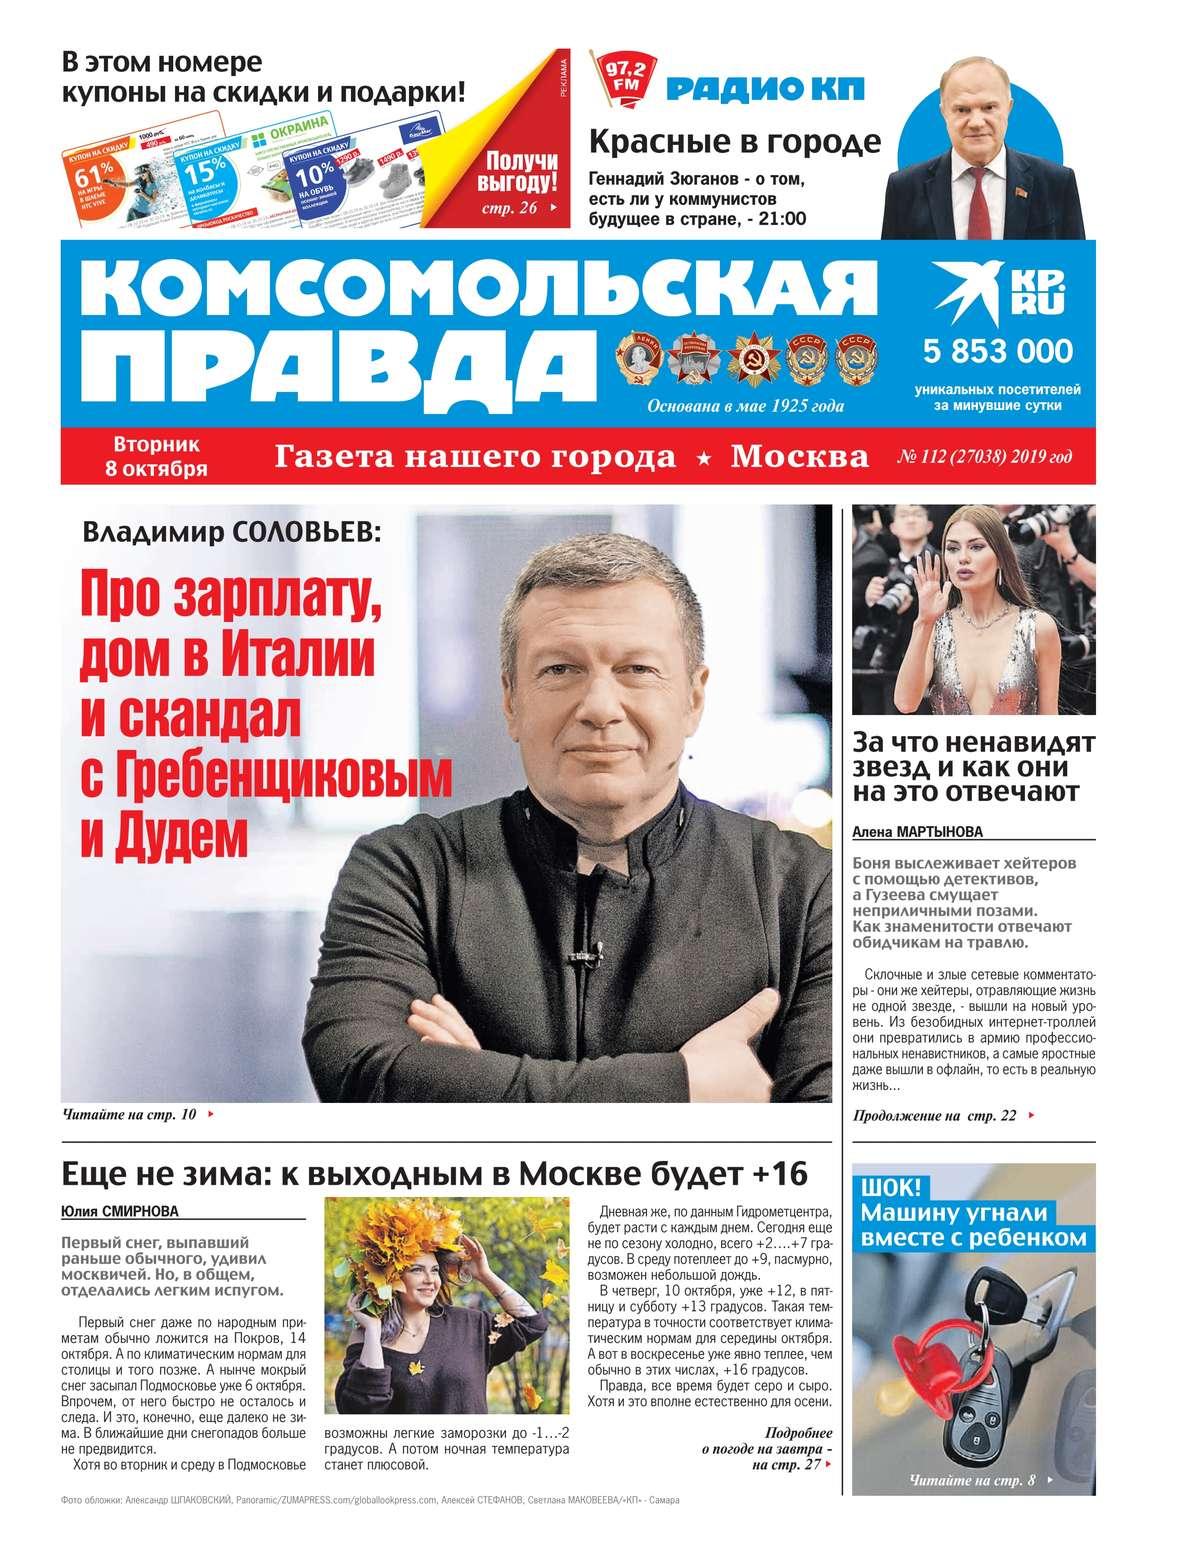 Комсомольская Правда. Москва 112-2019